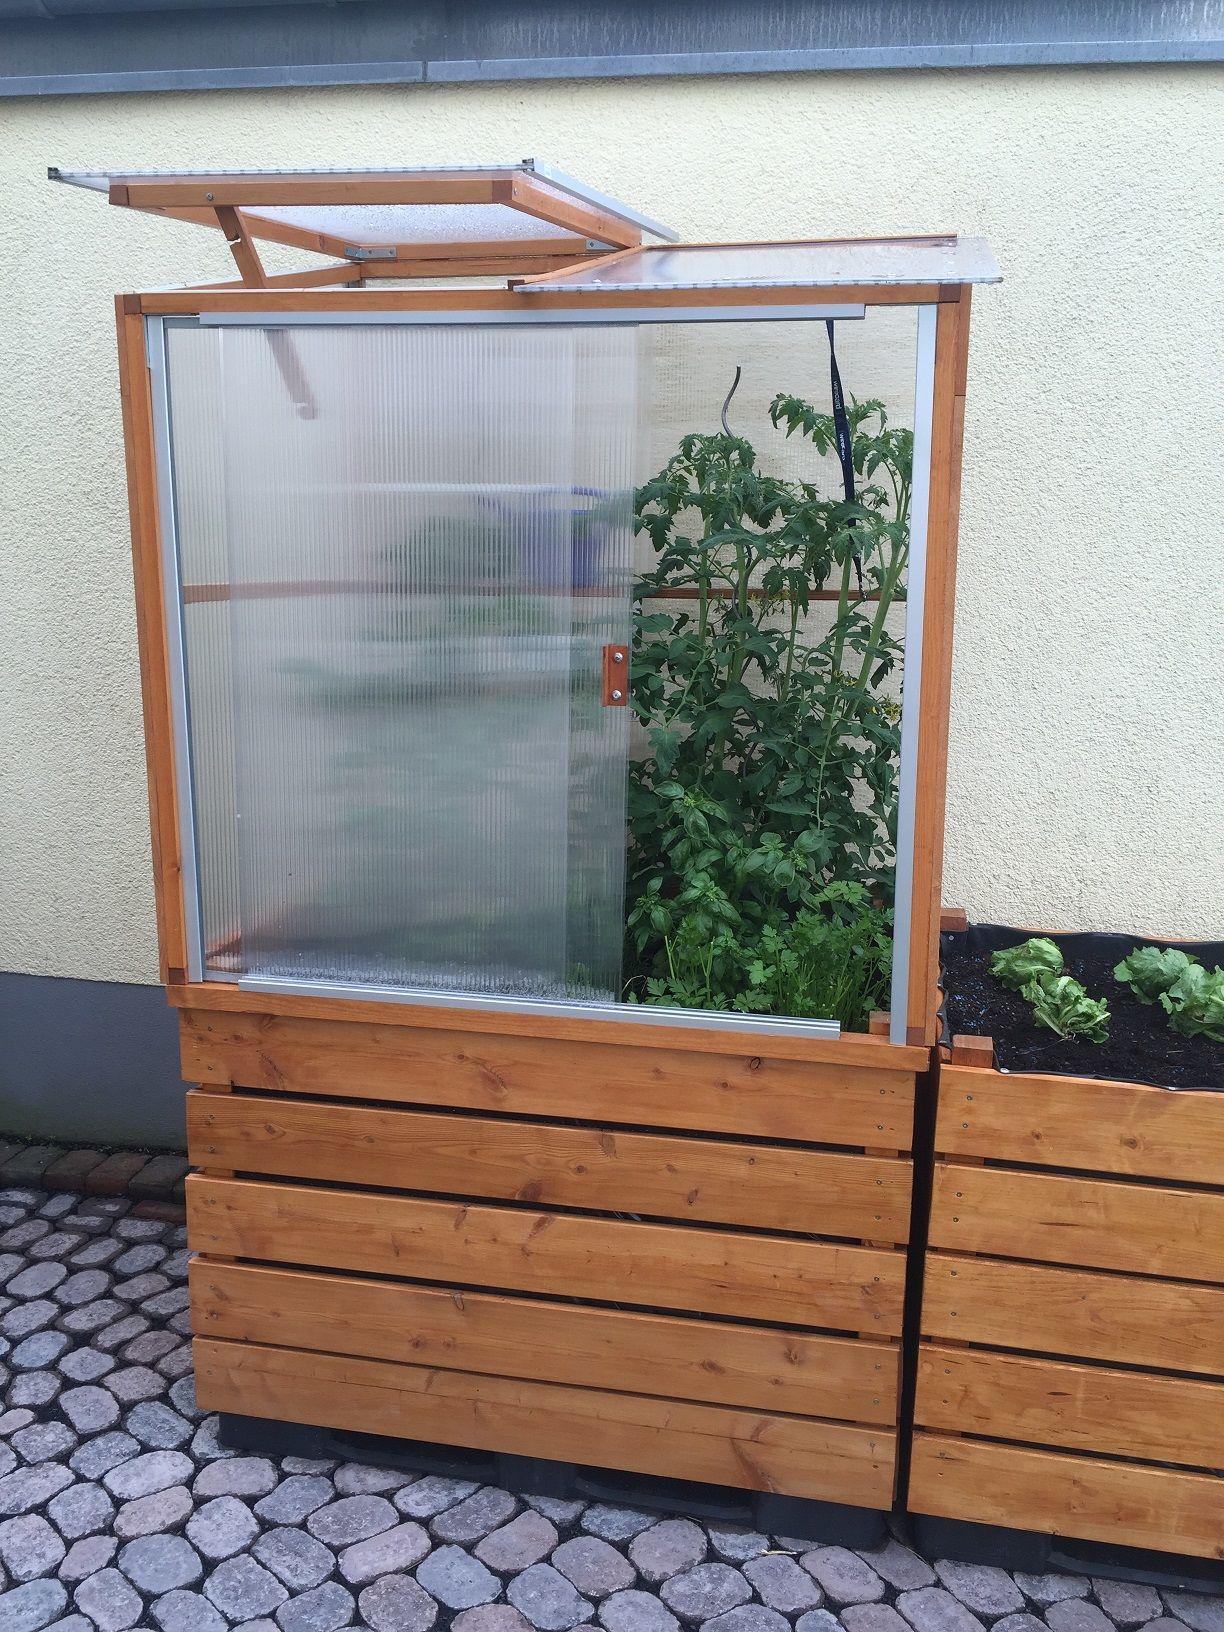 Gemeinsame Gewächshaus auf Hochbeet | Garten | Hochbeet, Gewächshaus bauen #BT_07